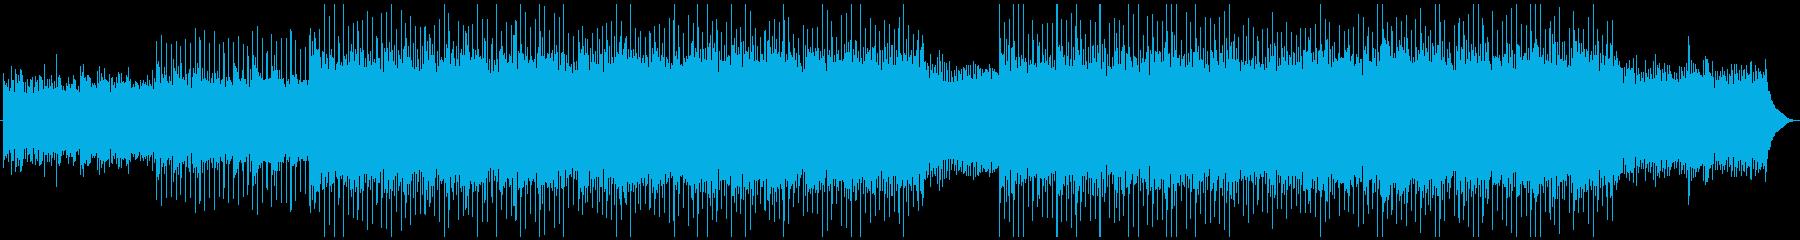 躍動感のある企業VP系ポップロックの再生済みの波形